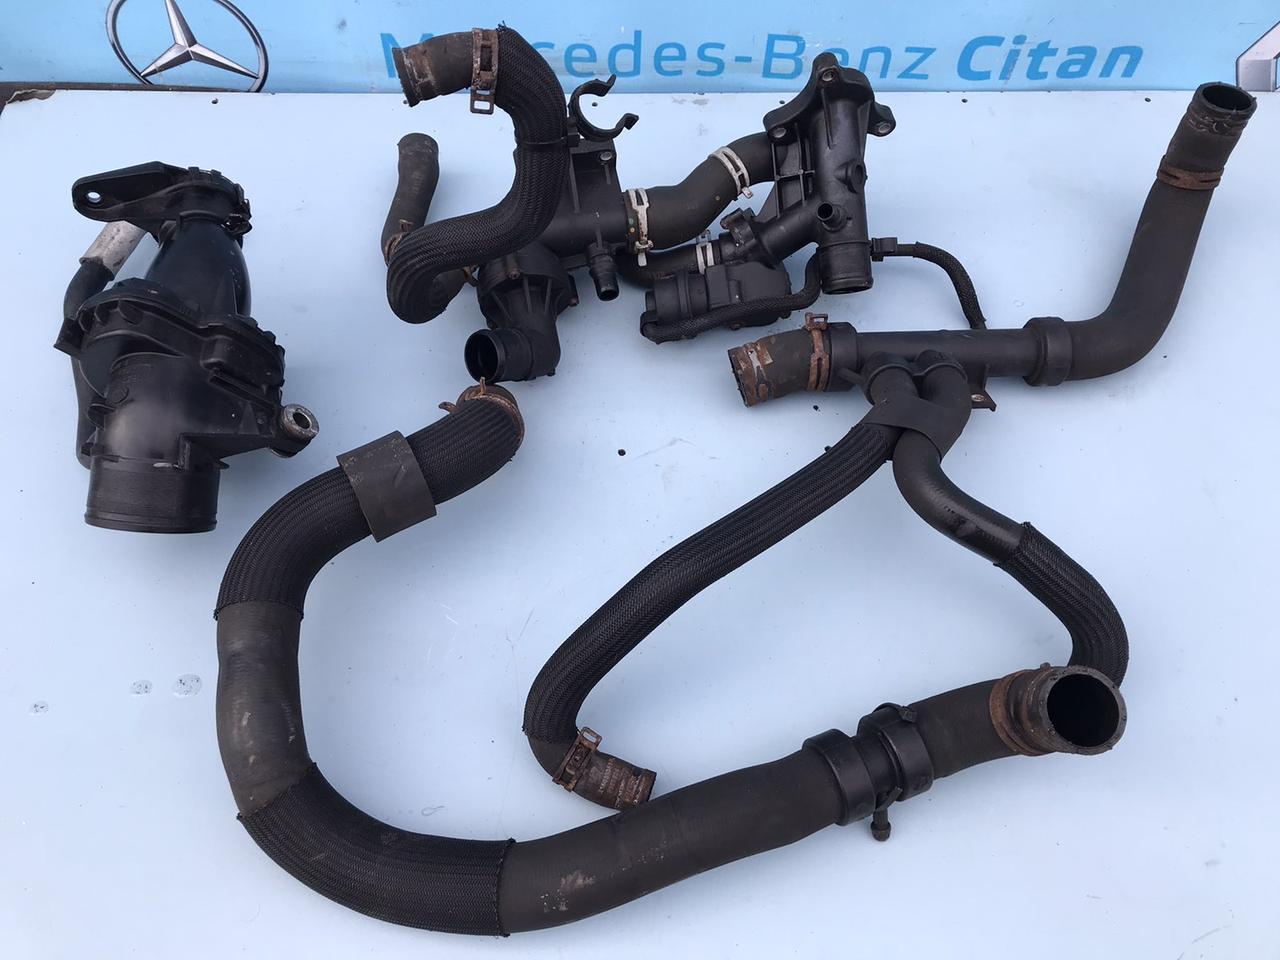 Патрубок системы охлаждения однотурбинный 110615482r Opel Vivaro Опель Виваро 1.6 dci 2014-2020 г. в.